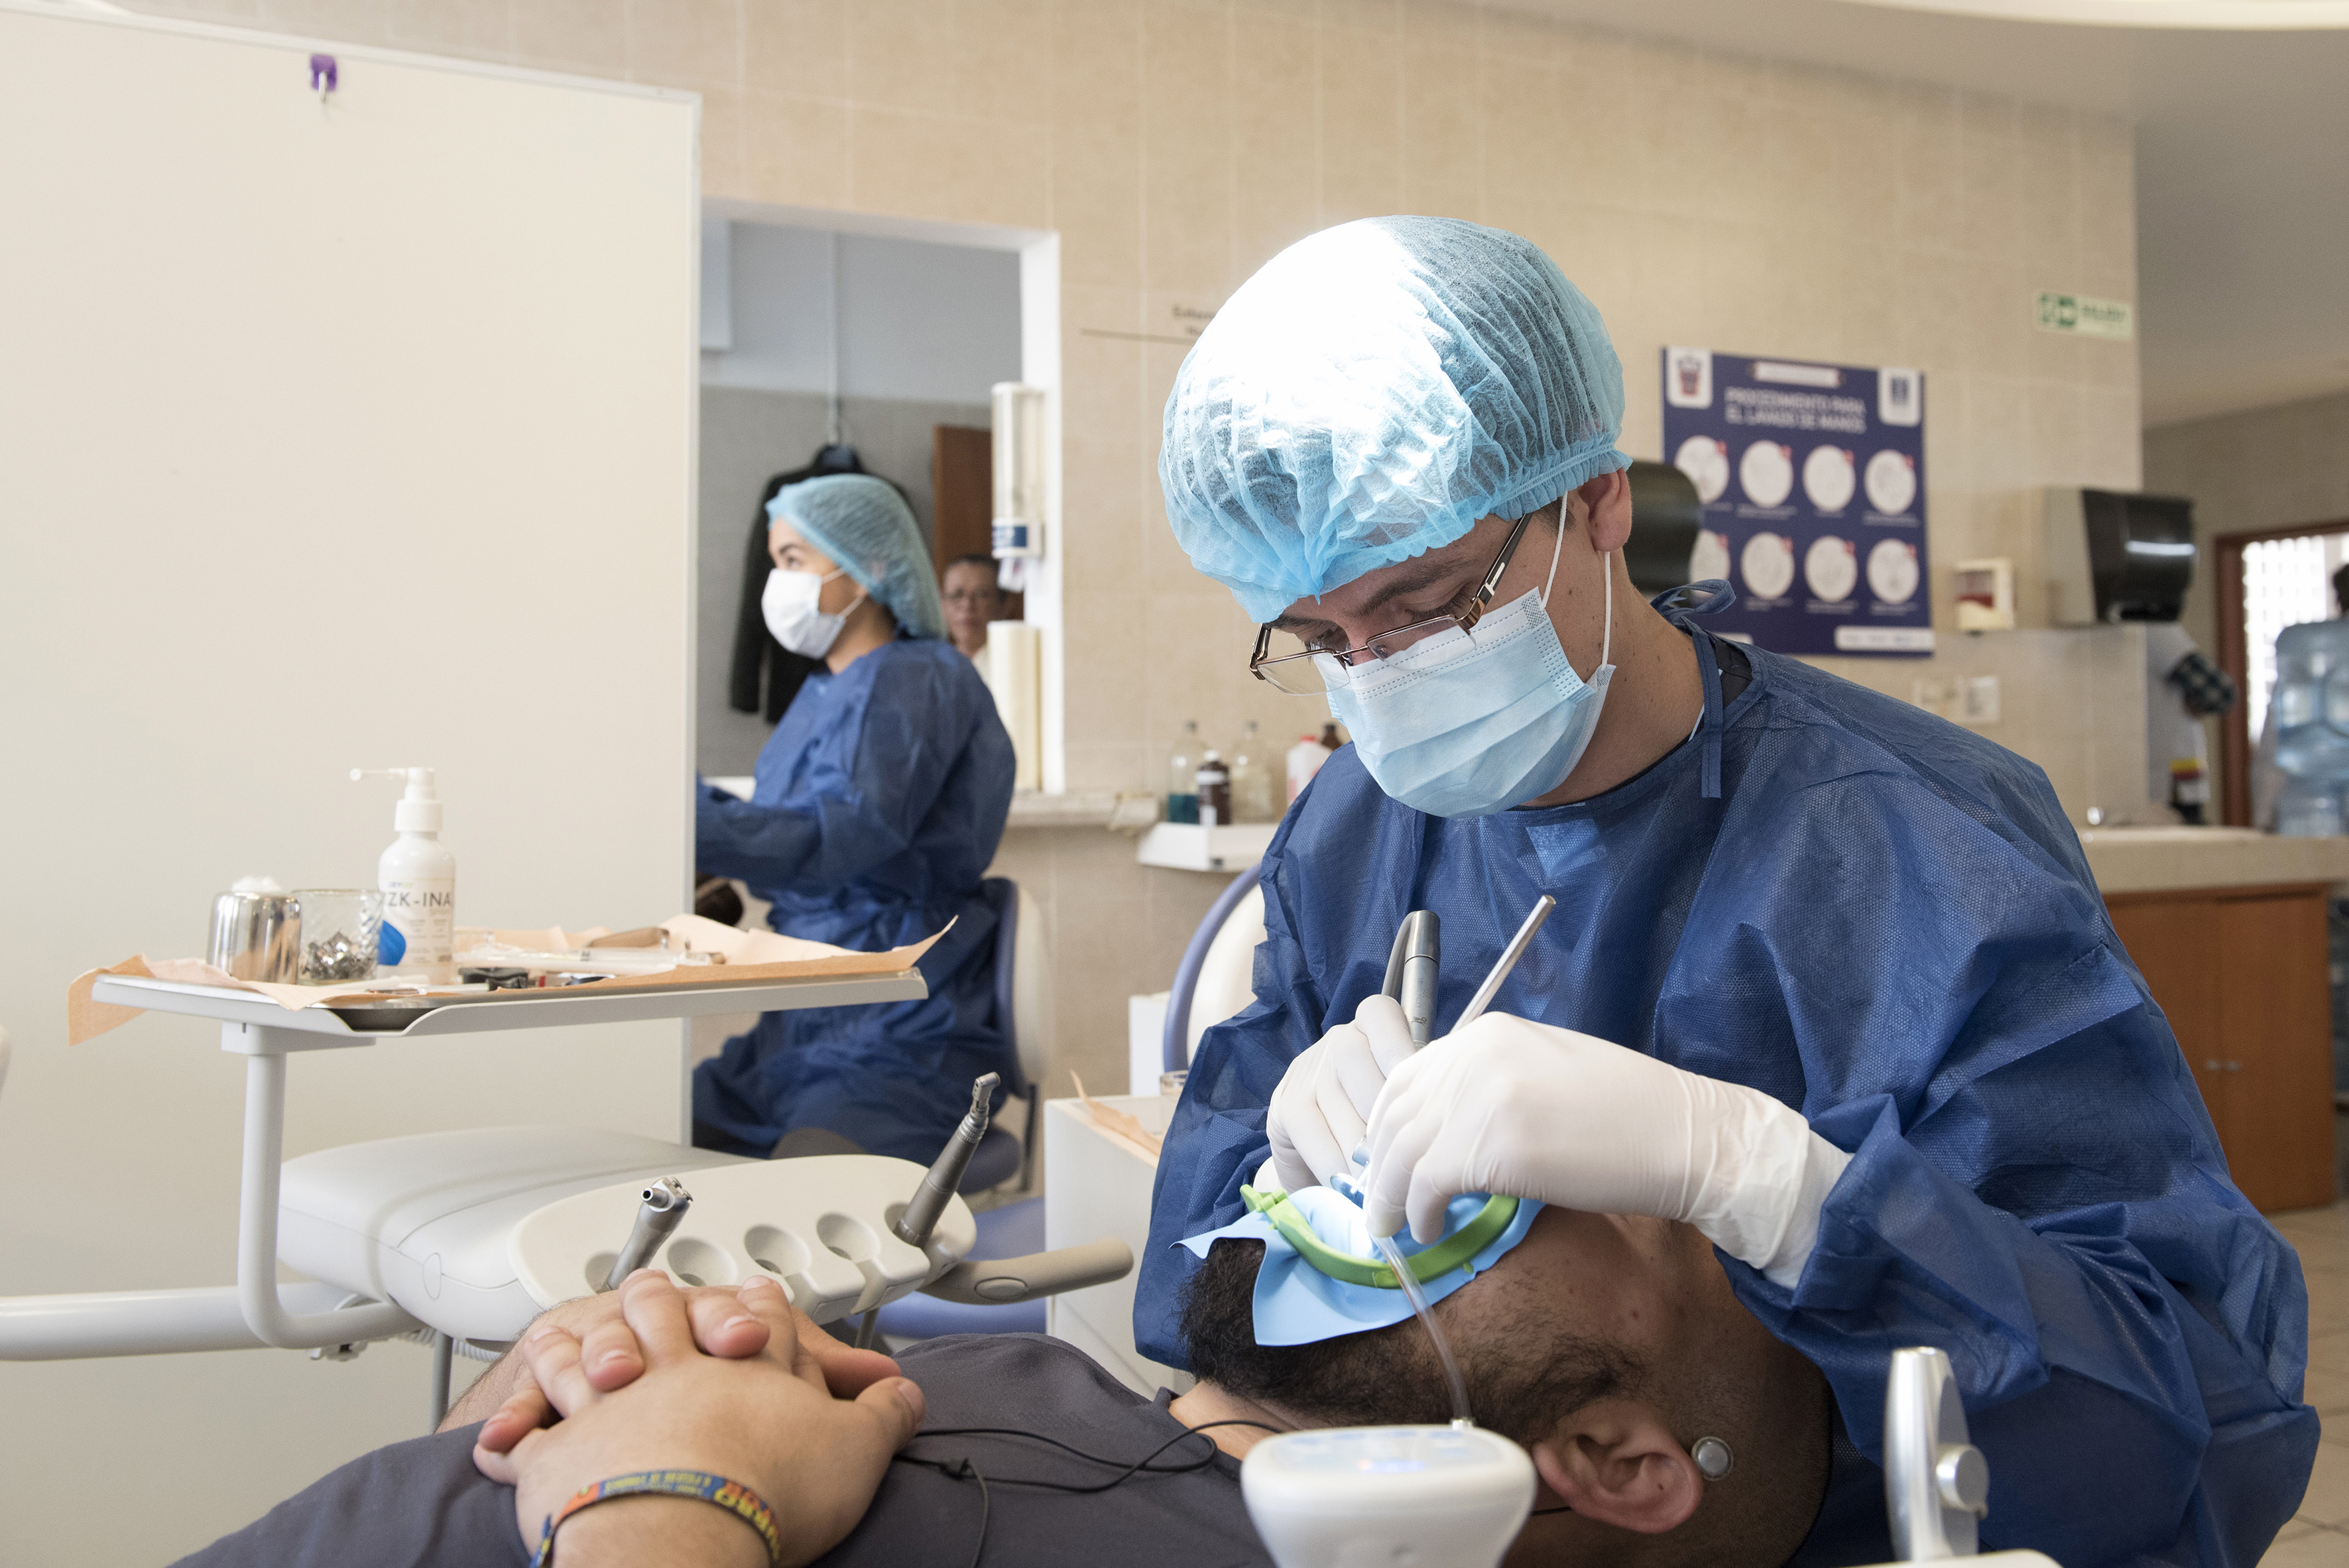 Odontólogo 2 revisando a un paciente